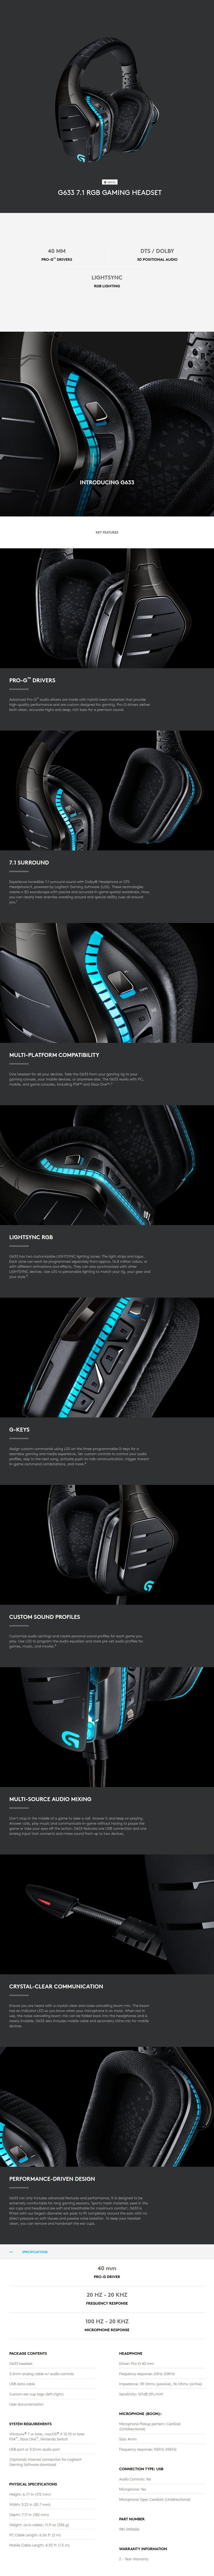 Logitech G633 Artemis Spectrum 7 1 Surround Sound Gaming Headset